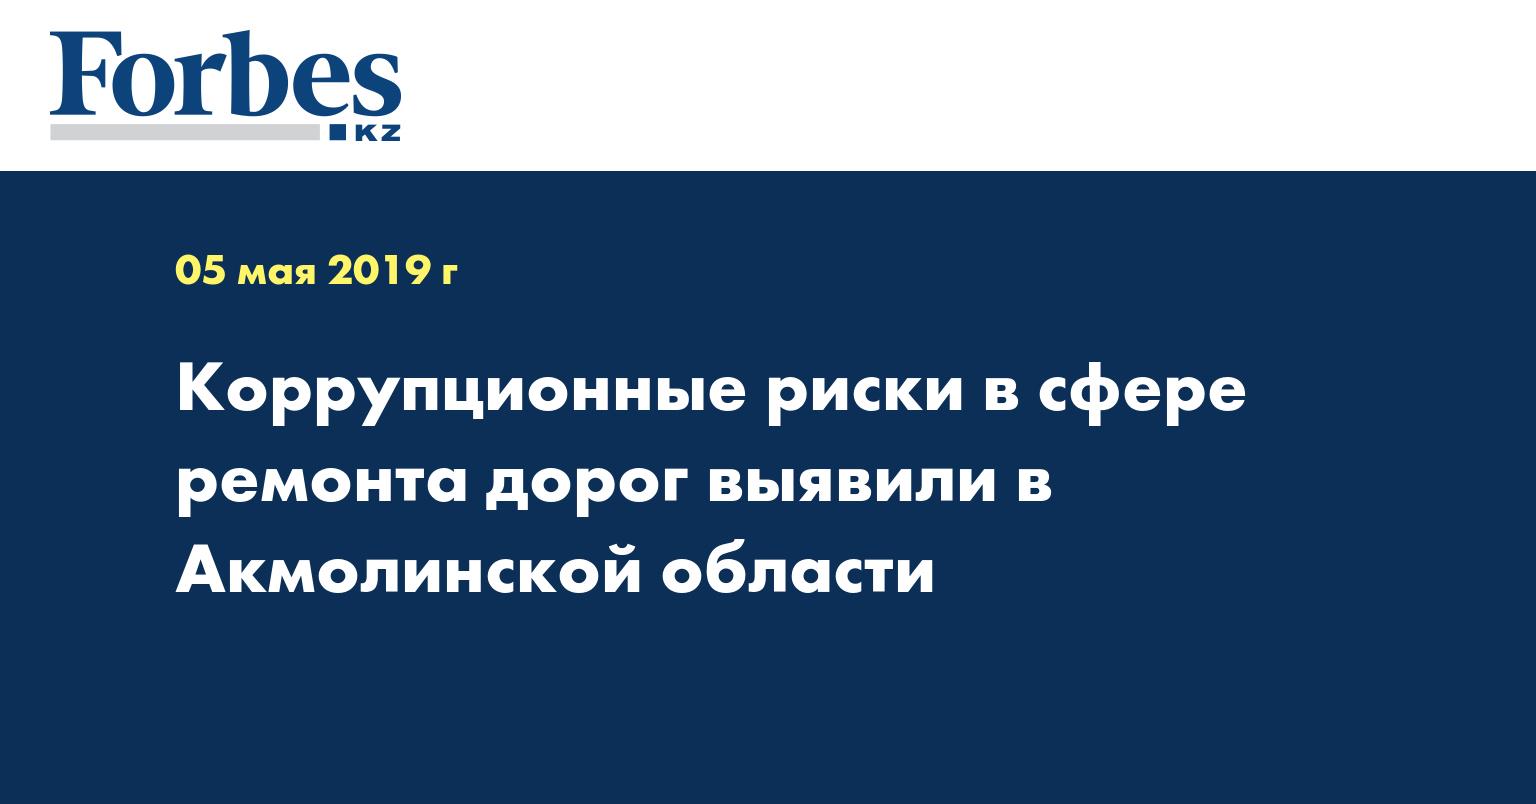 Коррупционные риски в сфере ремонта дорог выявили в Акмолинской области